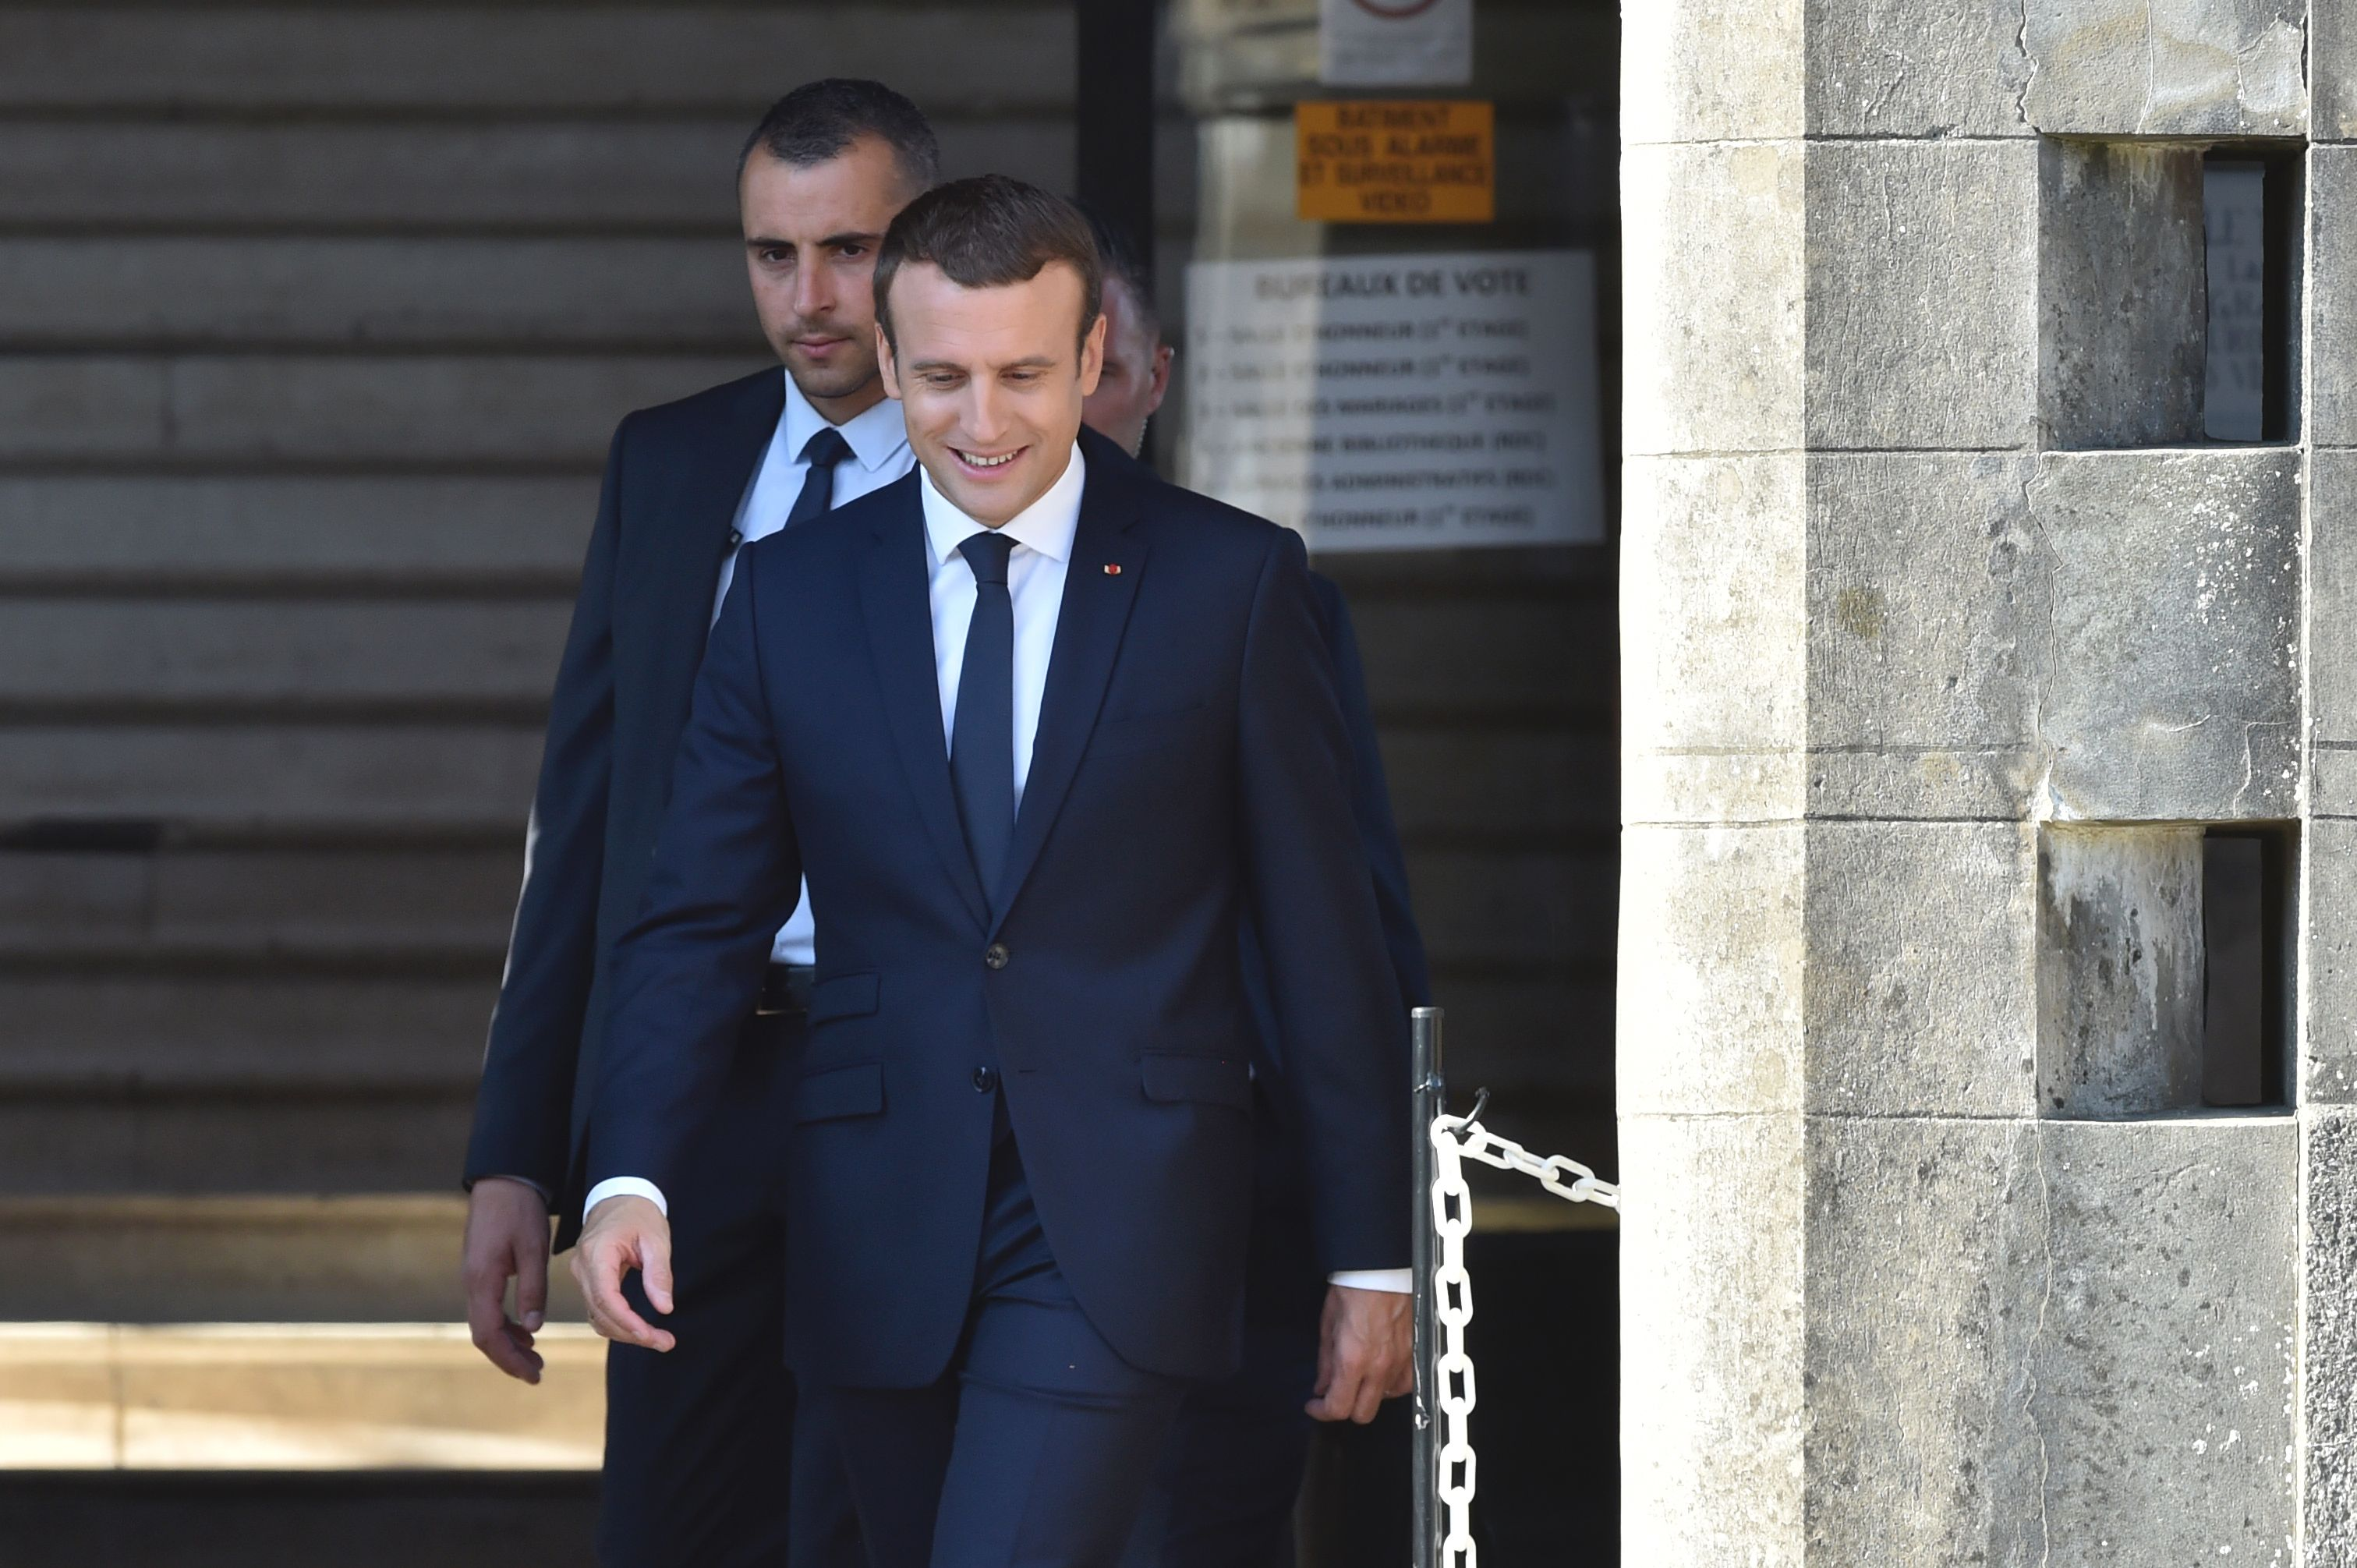 الرئيس الفرنسى يصل مقر الاقتراع للإدلاء بصوته